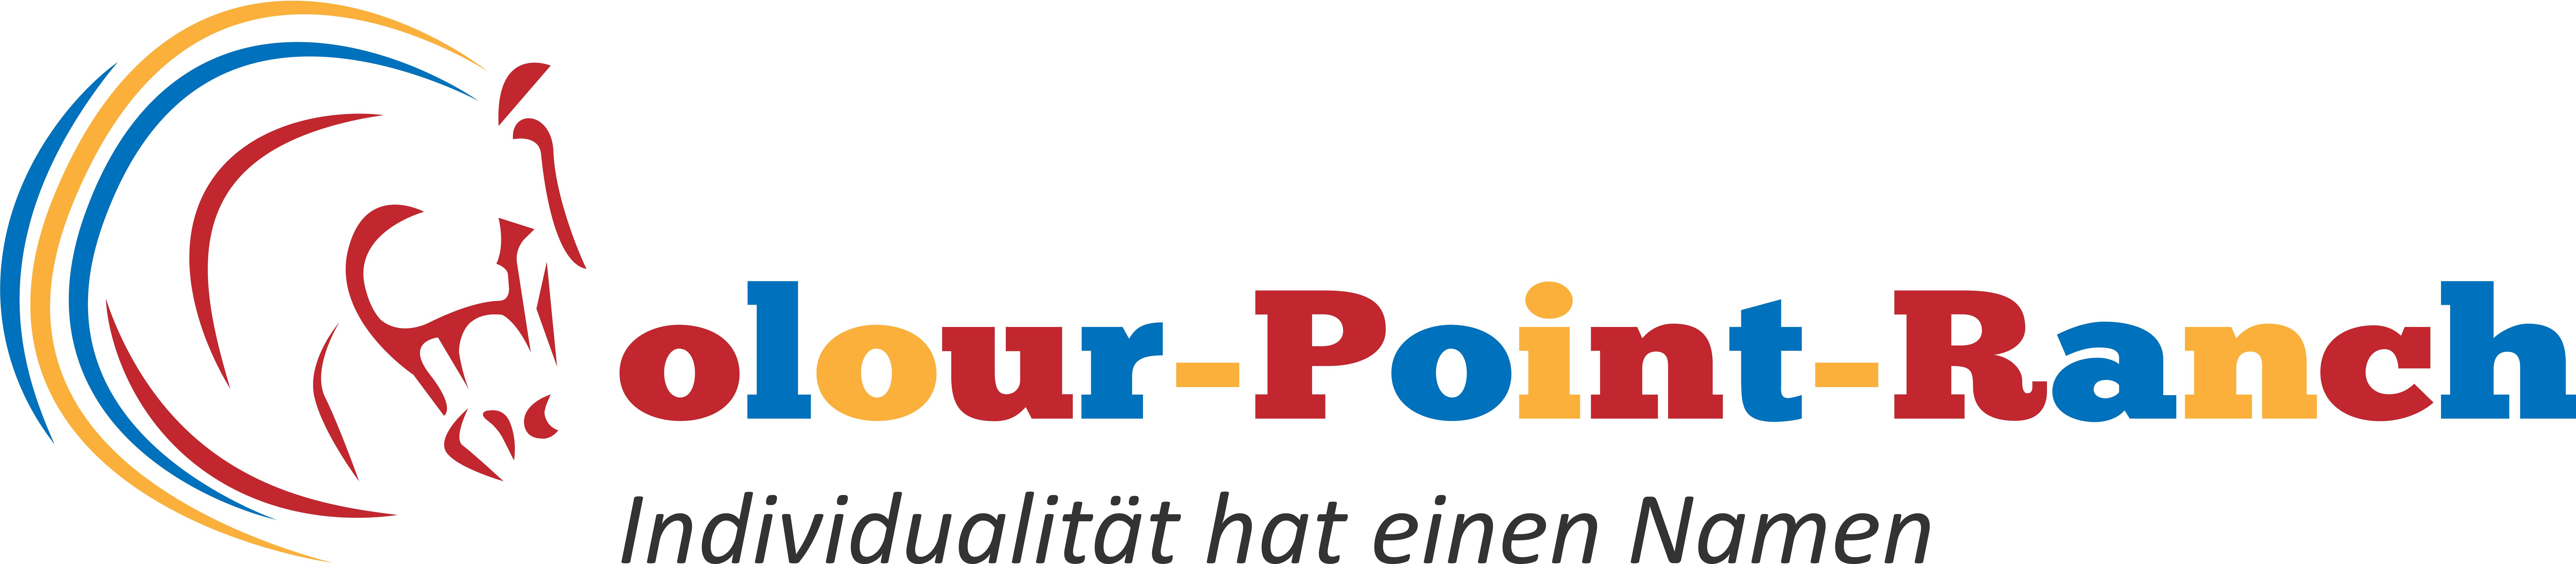 Colour-Point-Ranch UG